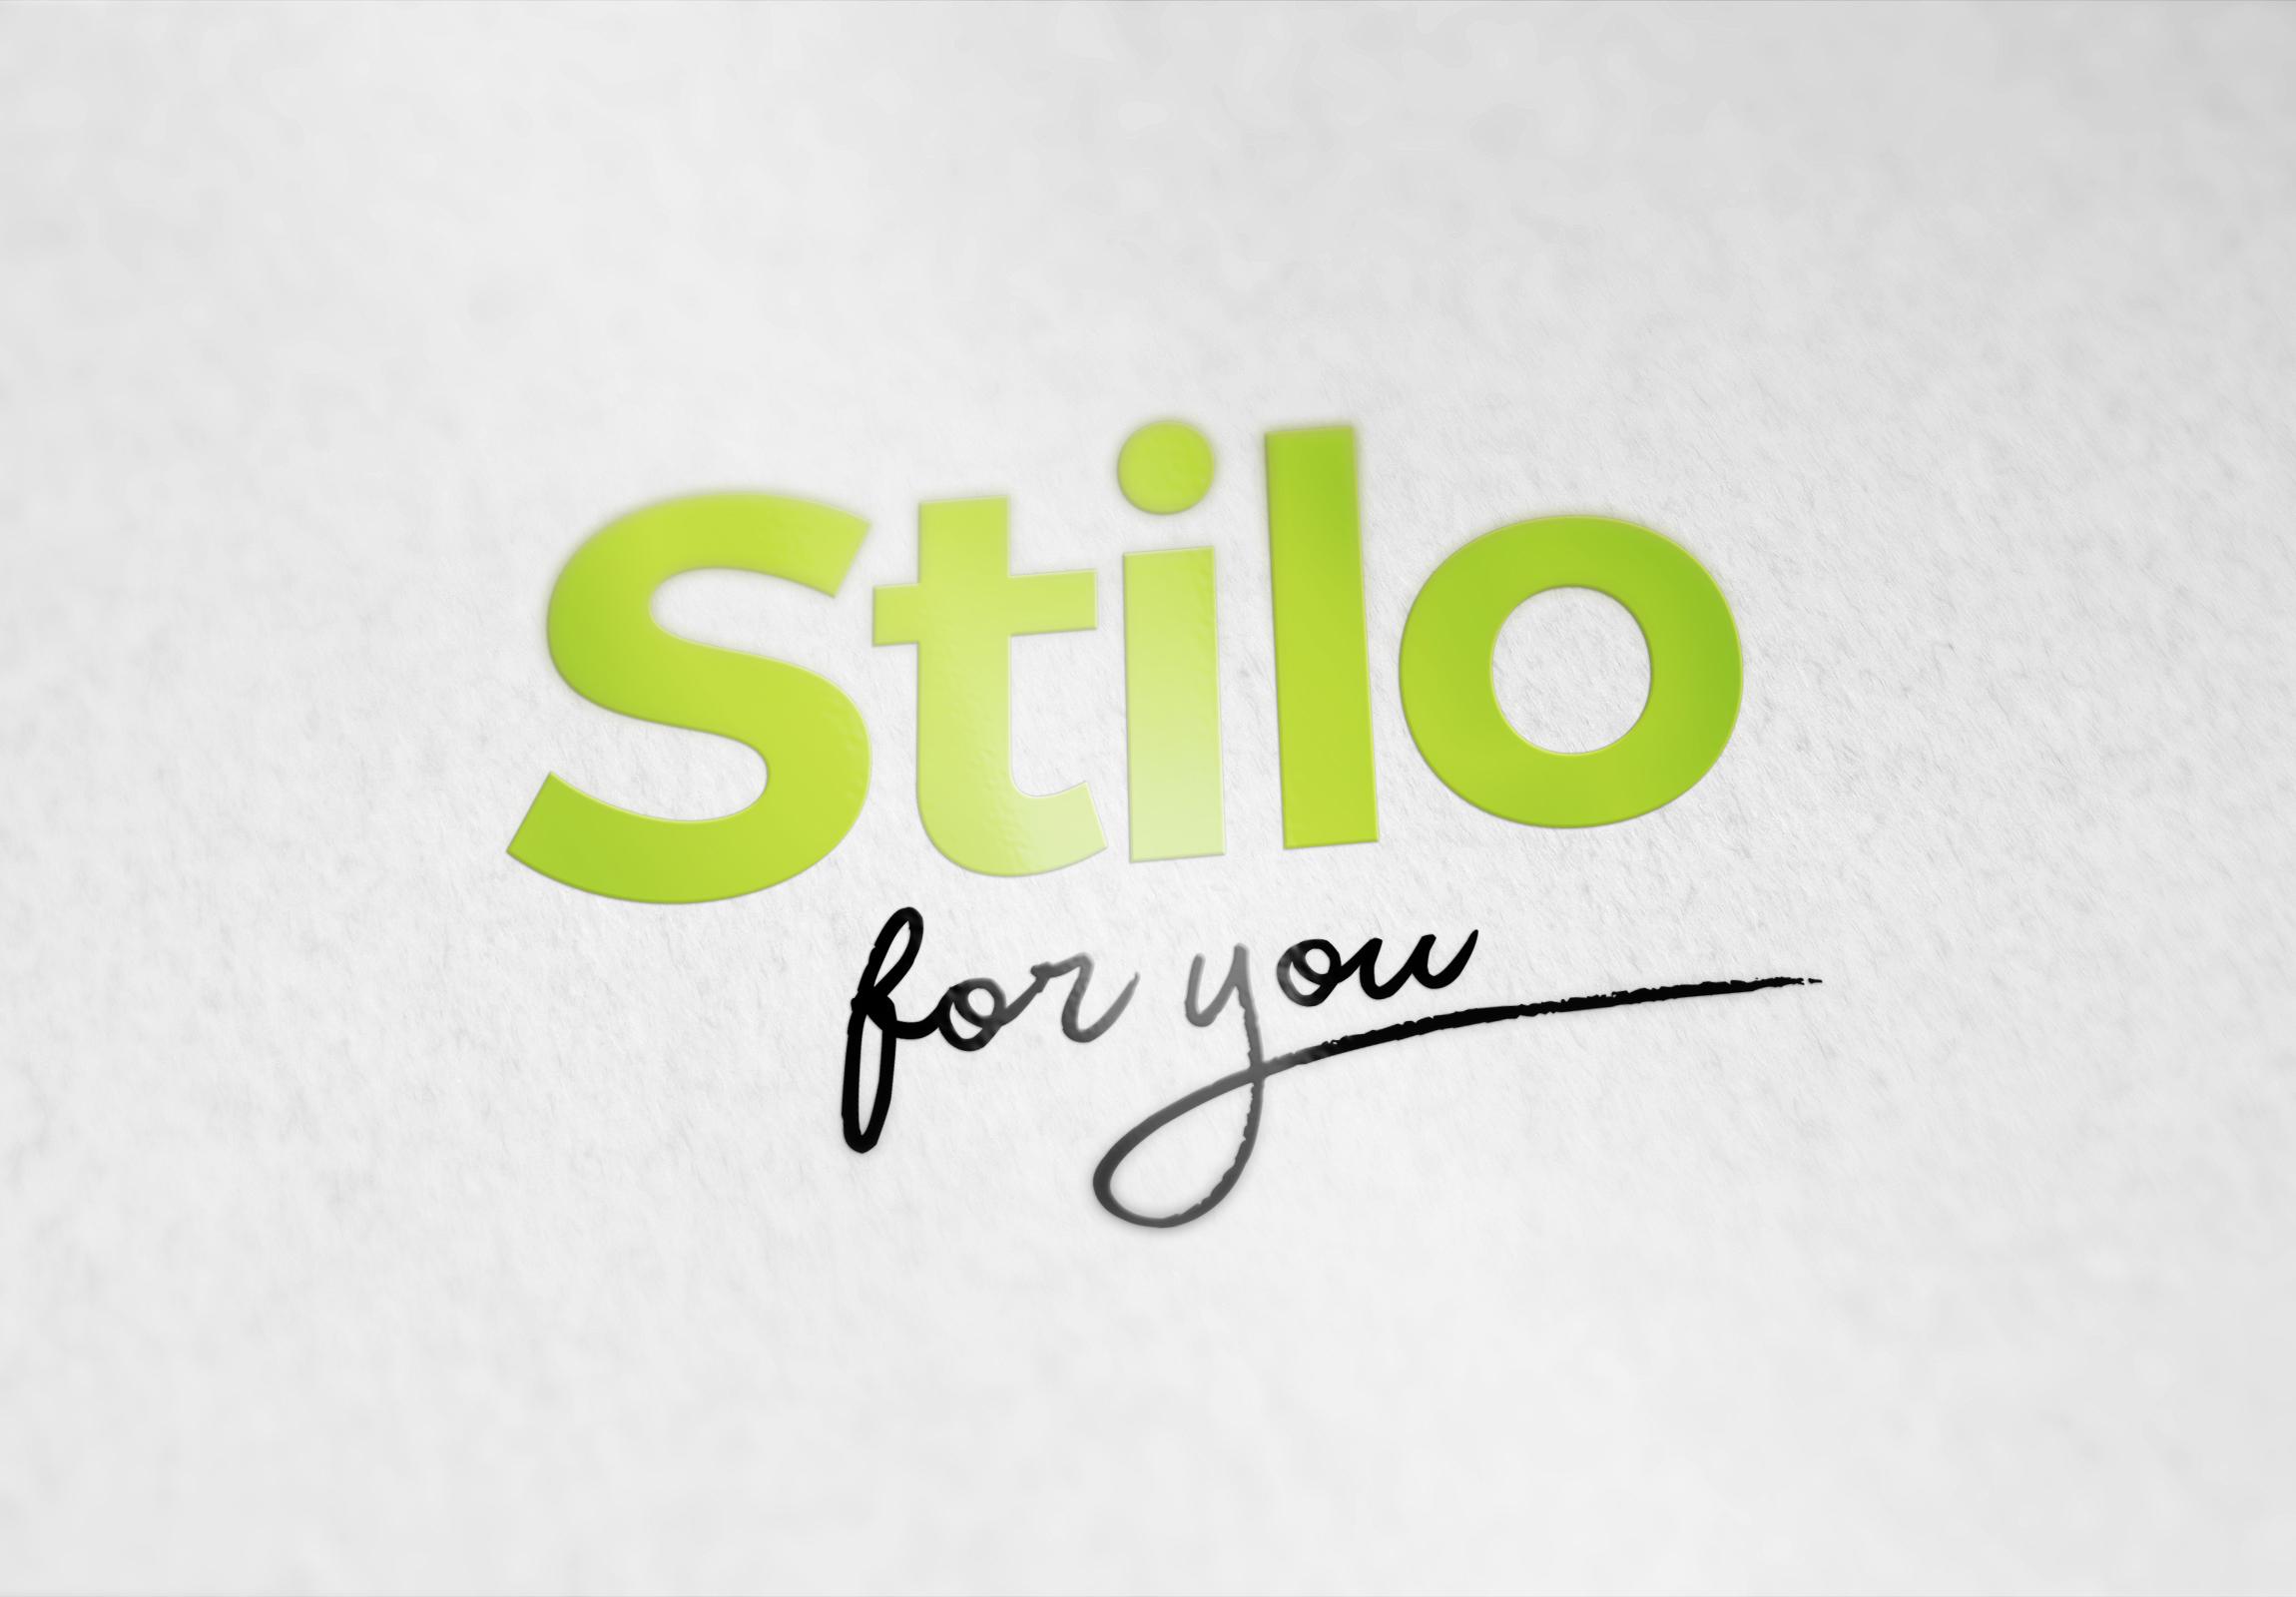 Desenvolvimento da marca Stilo For You